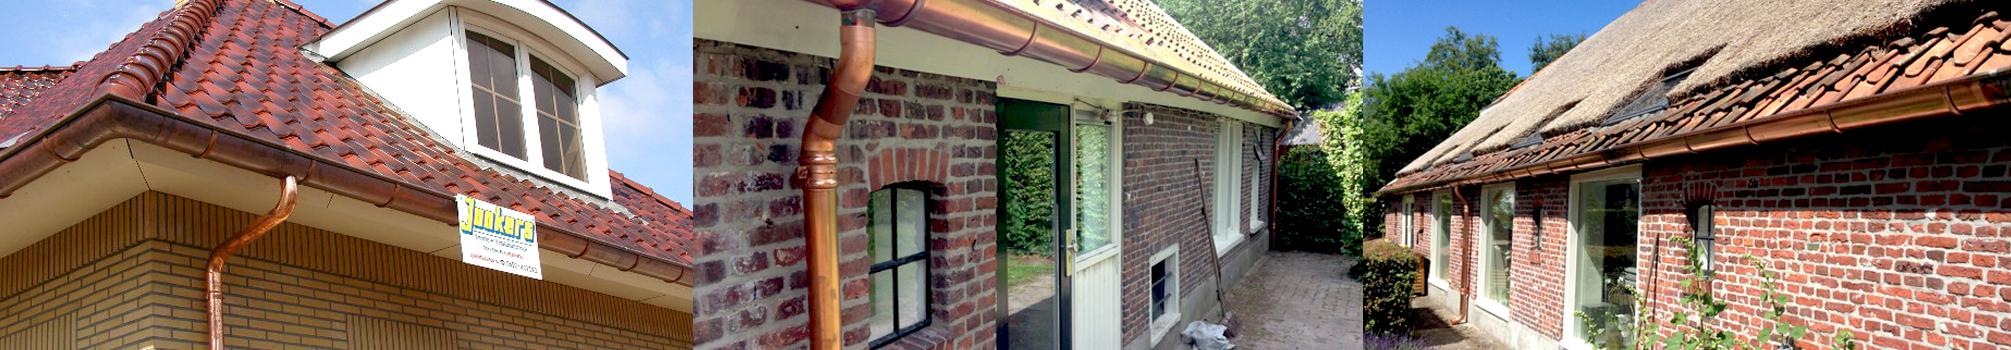 header-Jonkers-Assen-Warmte-en-installatie-techniek-Koper